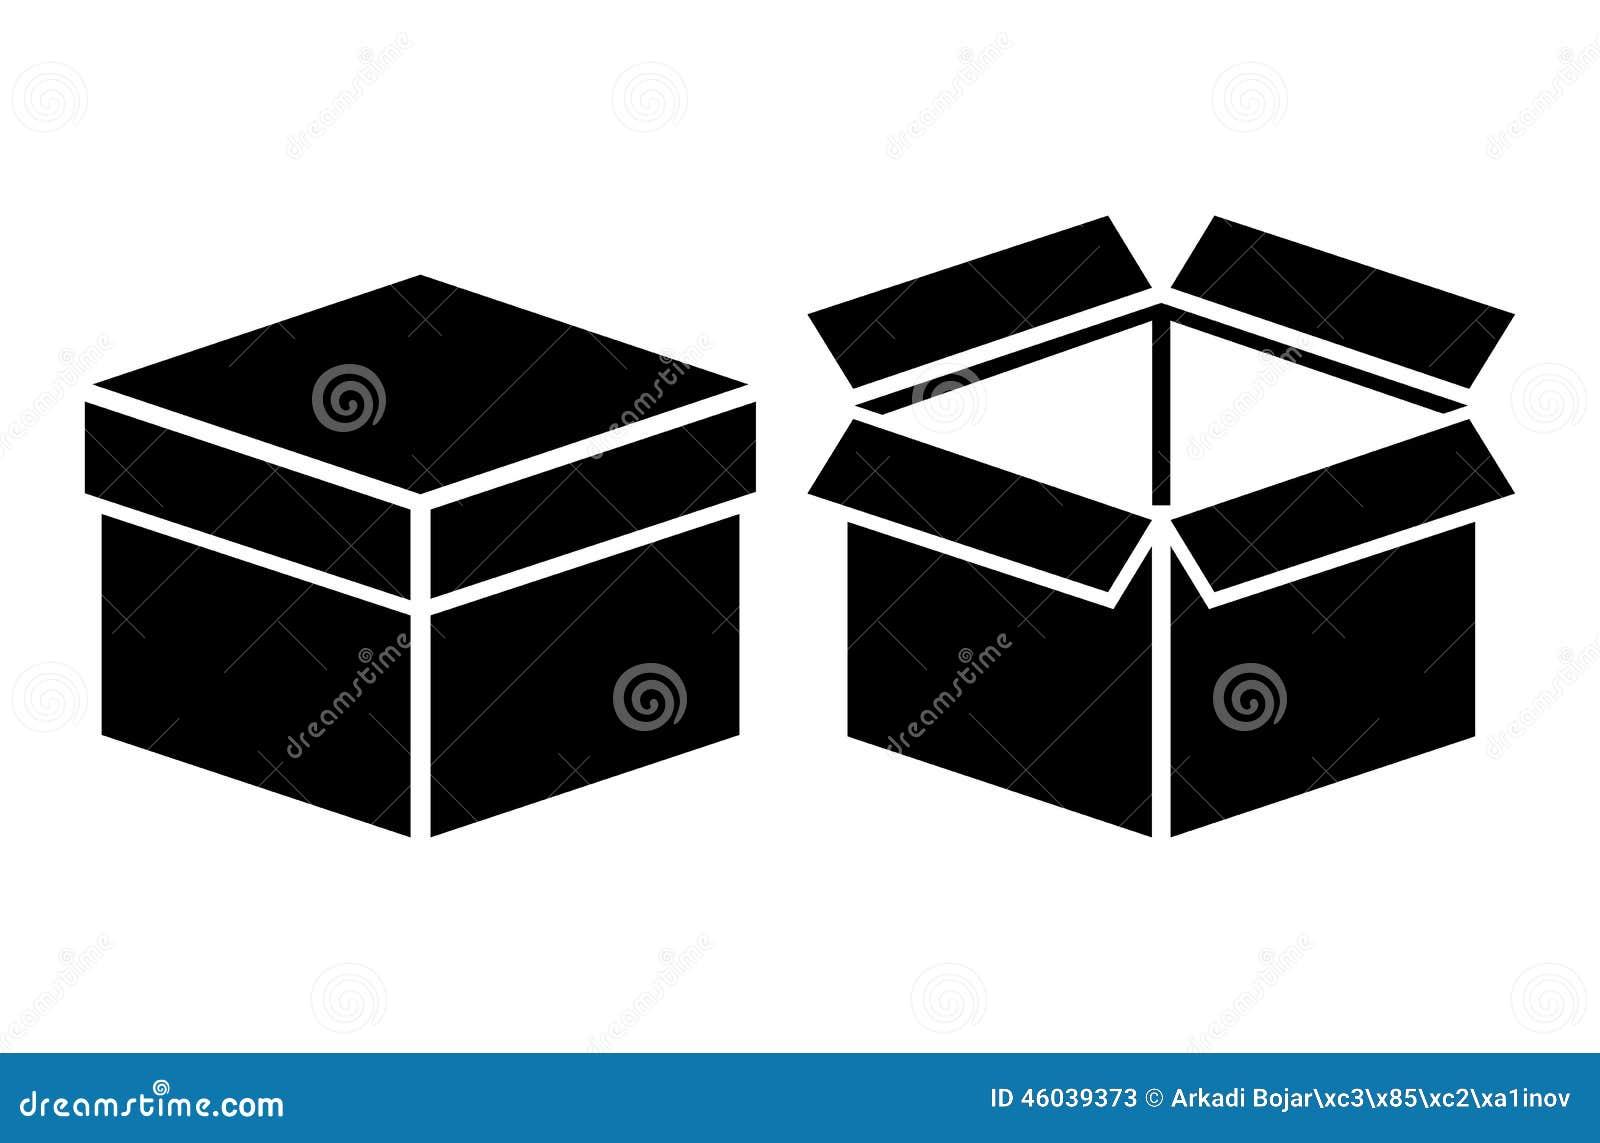 Open Closed Box Icon Stock Vector - Image: 46039373